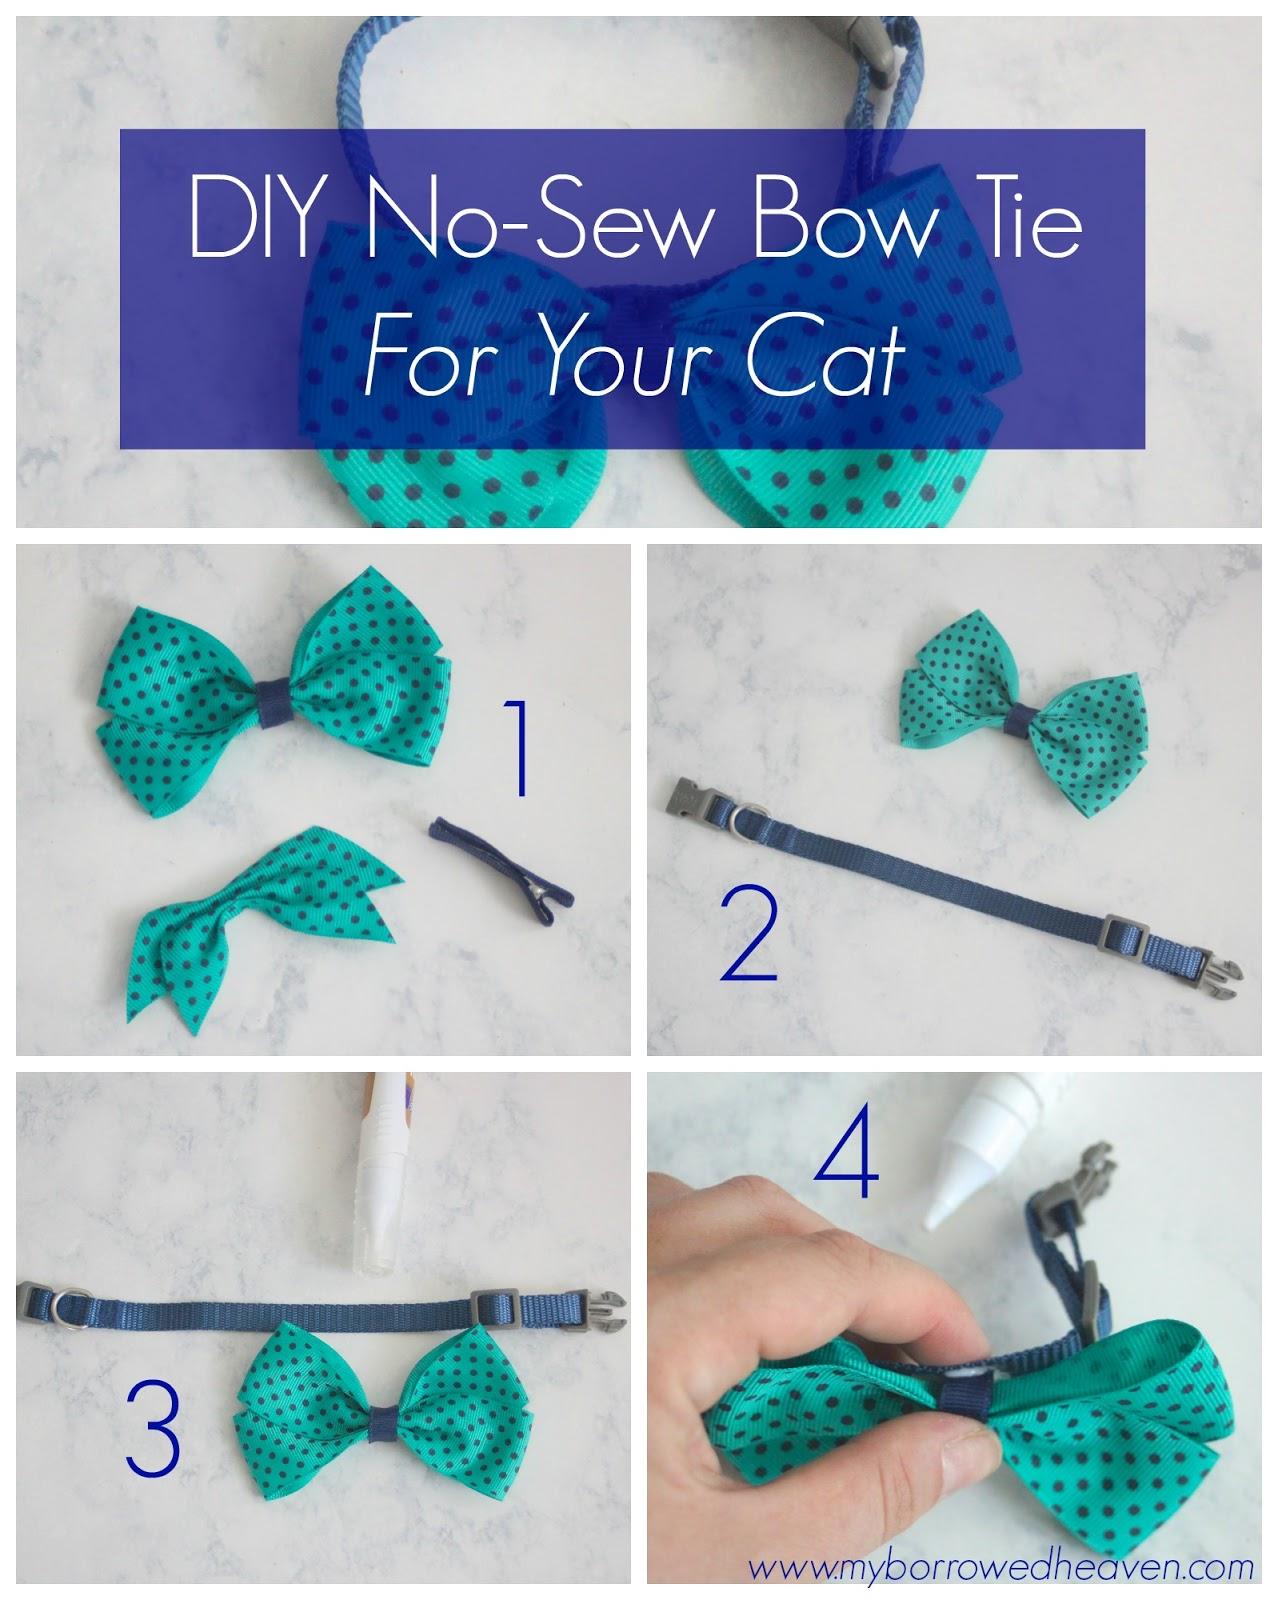 Diy Bow Tie   Midway Media